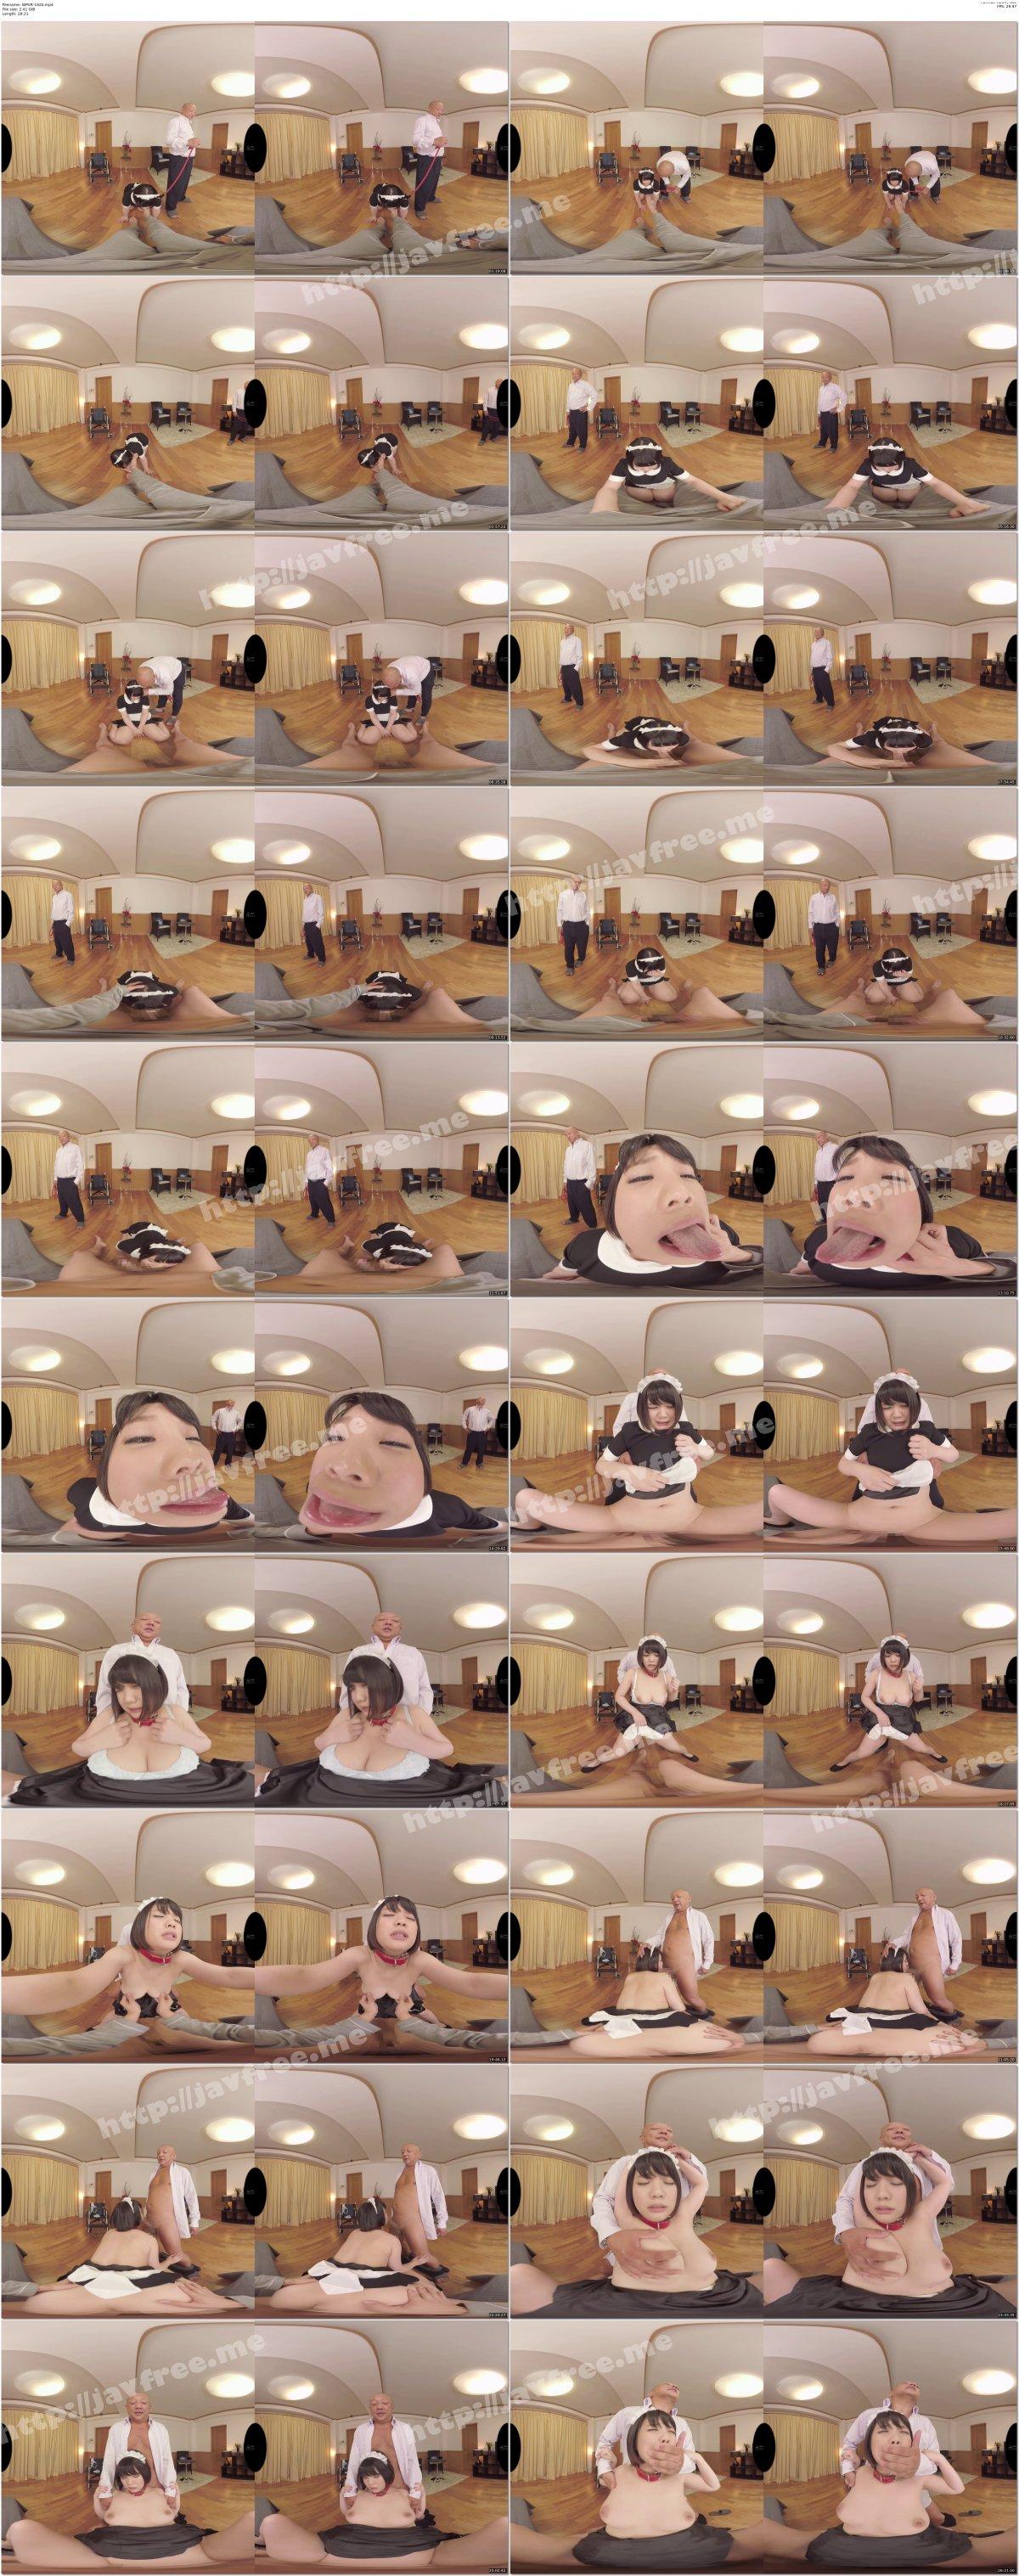 [WPVR-142] 【VR】鬼畜!追跡!!逃げ場なし!!! パニックハウス 雛菊つばさ - image WPVR-142b on https://javfree.me